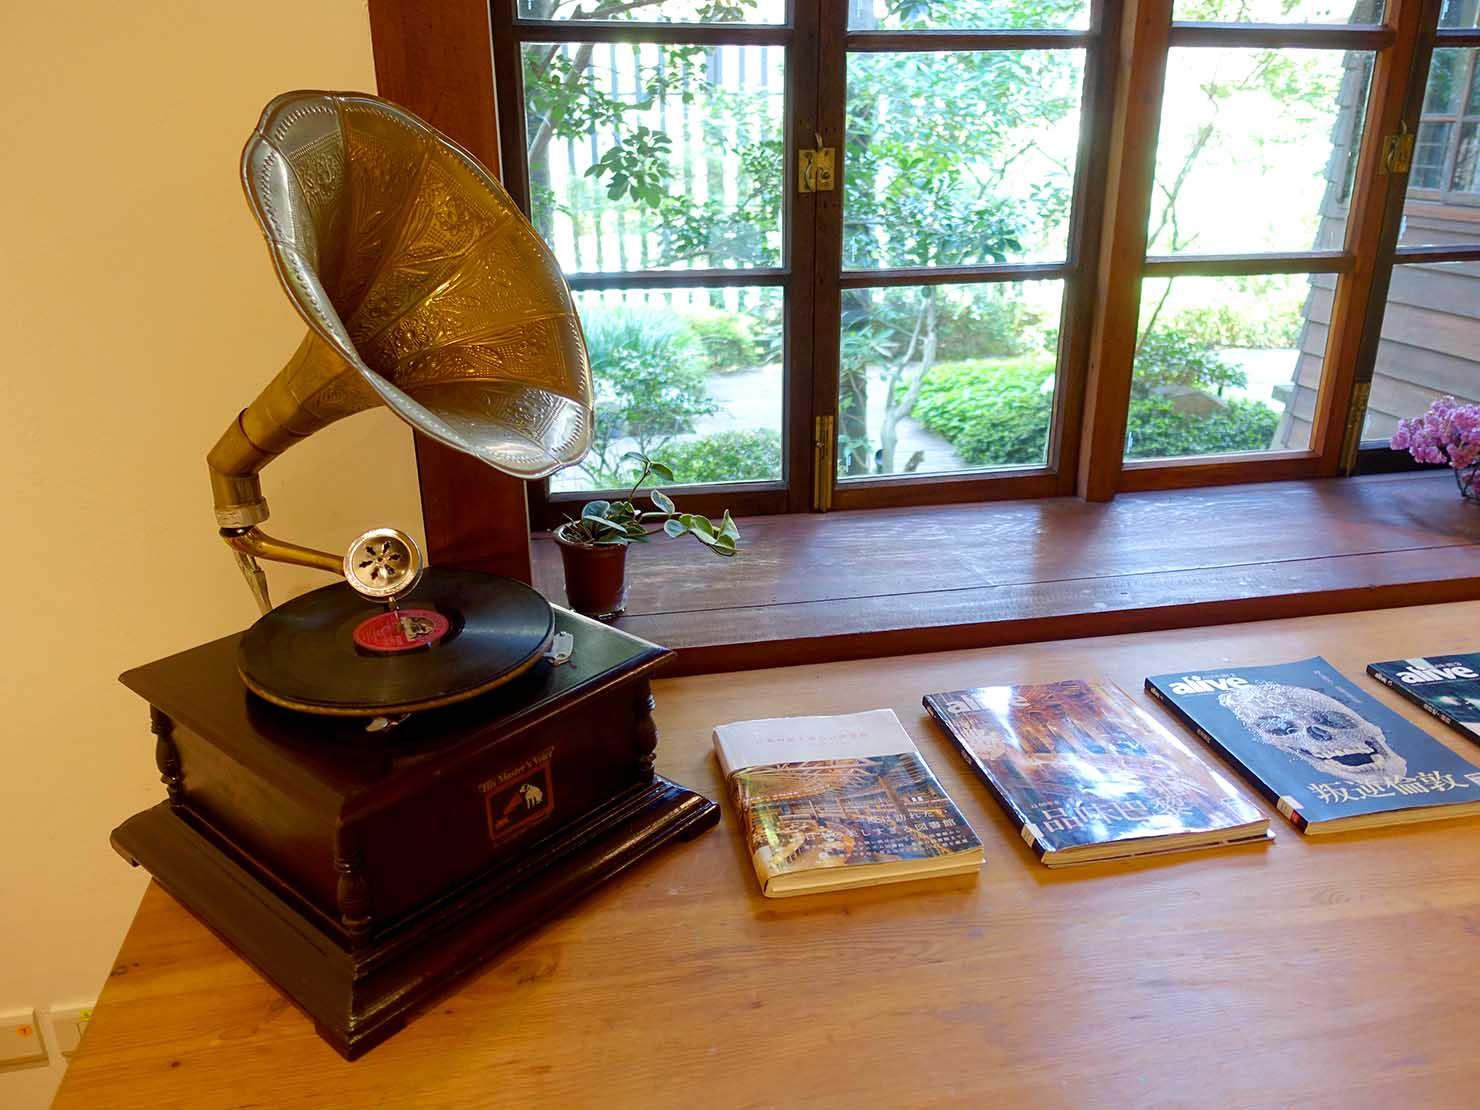 台北の街に佇む日本式古民家の図書館「文房 Chapter」に置かれたレコードプレーヤー